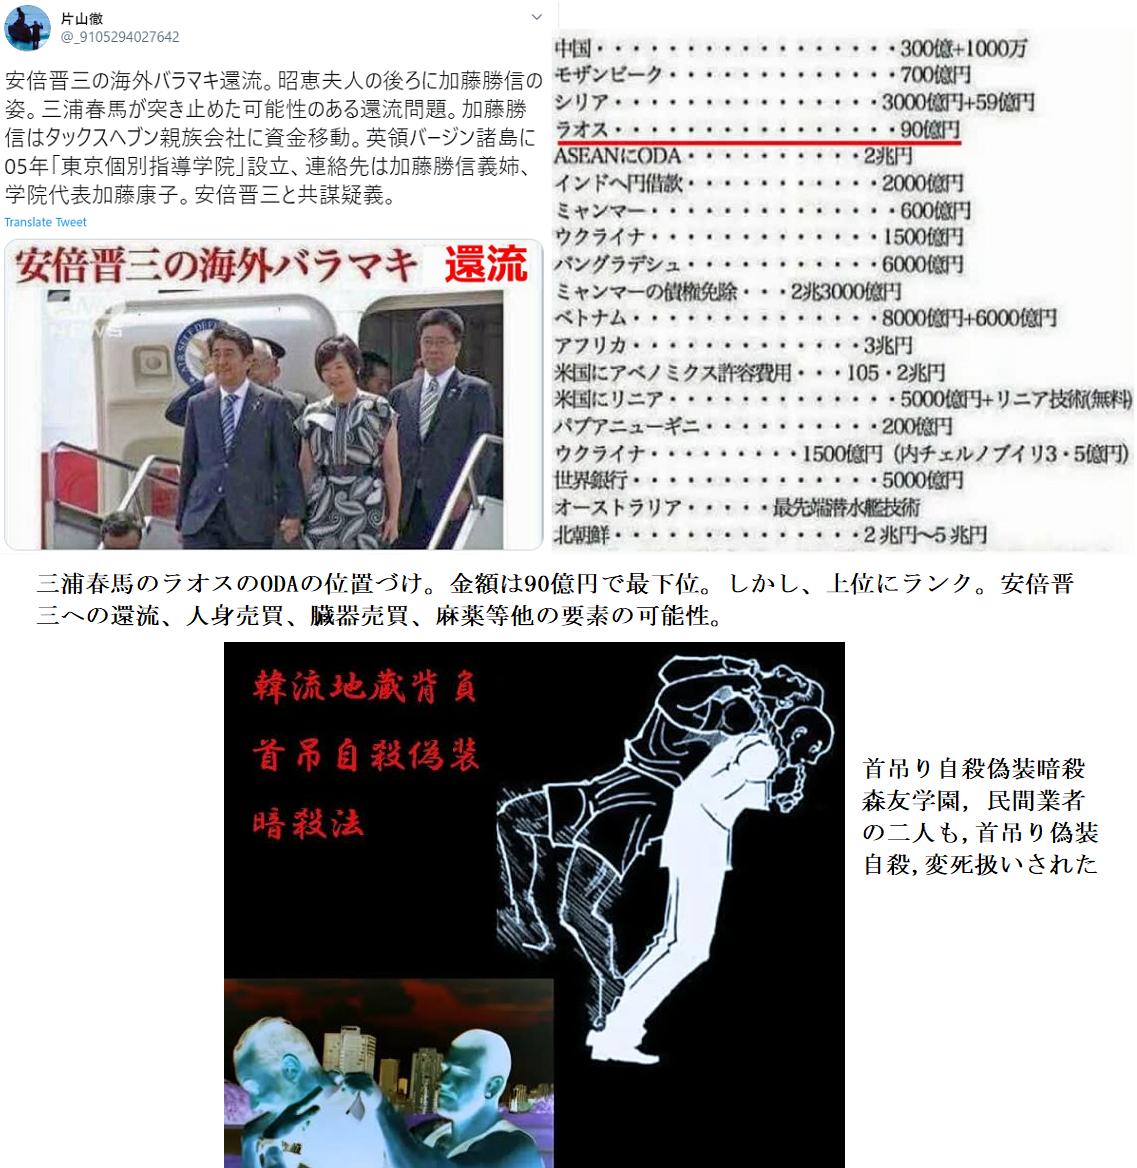 安倍 晋三 oda 三浦 春 馬